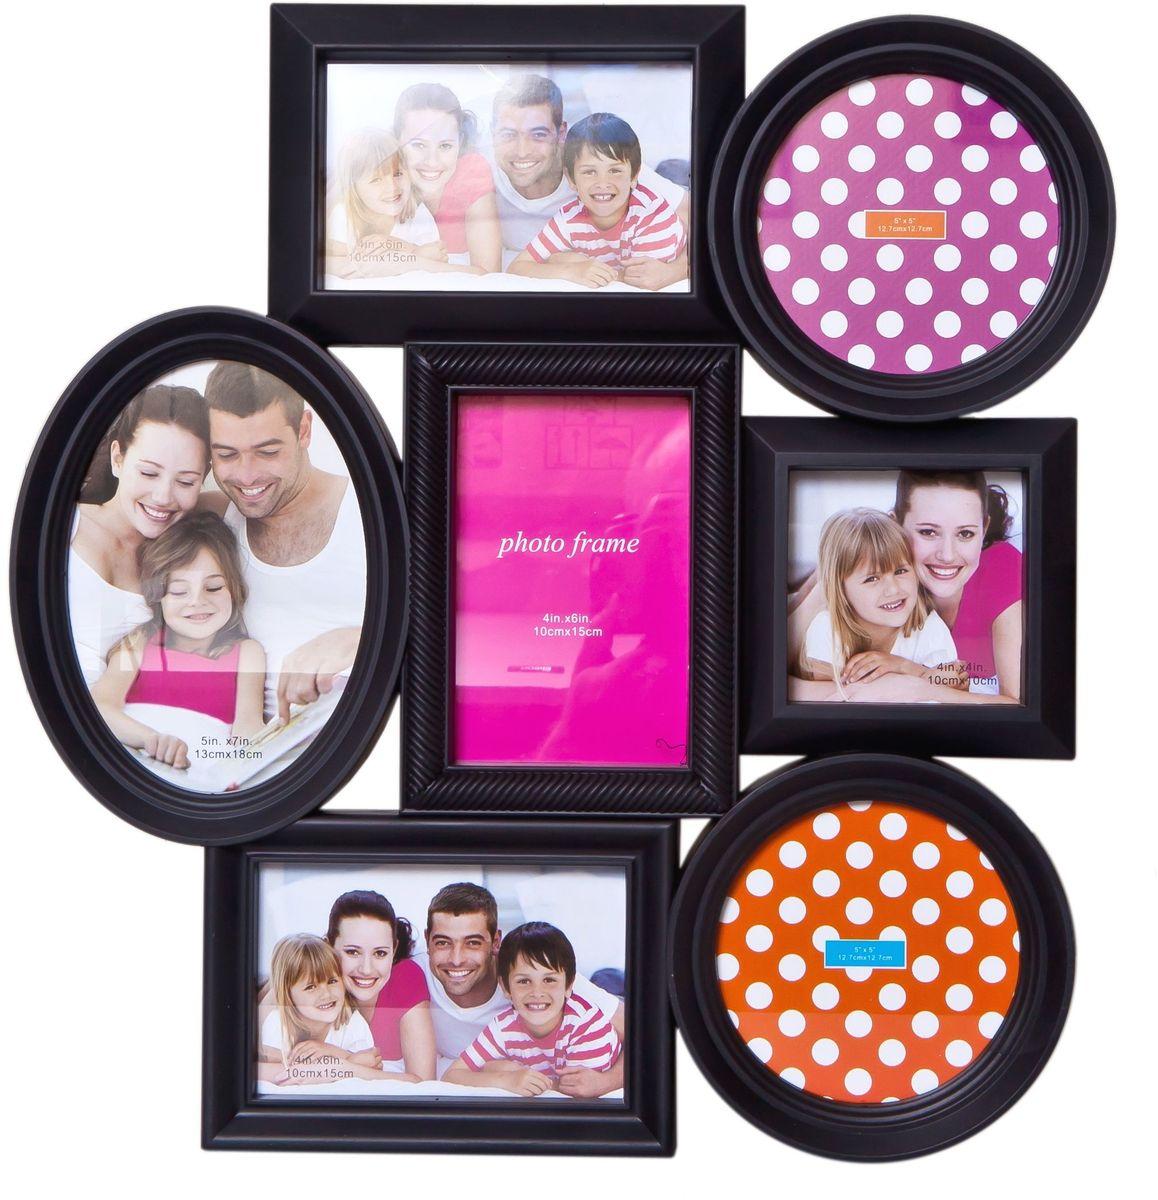 Фоторамка Platinum, цвет: черный, на 7 фото. BH-1307BIN-1122953-White-БелыйФоторамка Platinum - прекрасный способ красиво оформить ваши фотографии. Фоторамка выполнена из пластика и защищена стеклом. Фоторамка-коллаж представляет собой семь фоторамок для фото разного размера оригинально соединенных между собой. Такая фоторамка поможет сохранить в памяти самые яркие моменты вашей жизни, а стильный дизайн сделает ее прекрасным дополнением интерьера комнаты.Фоторамка подходит для фото следующих размеров: 13 х 18 см, 3 фото 10 х 15 см, 2 фото 12,7 х 12,7 см и 10 х 10 см.Общий размер фоторамки: 41 х 43 см.